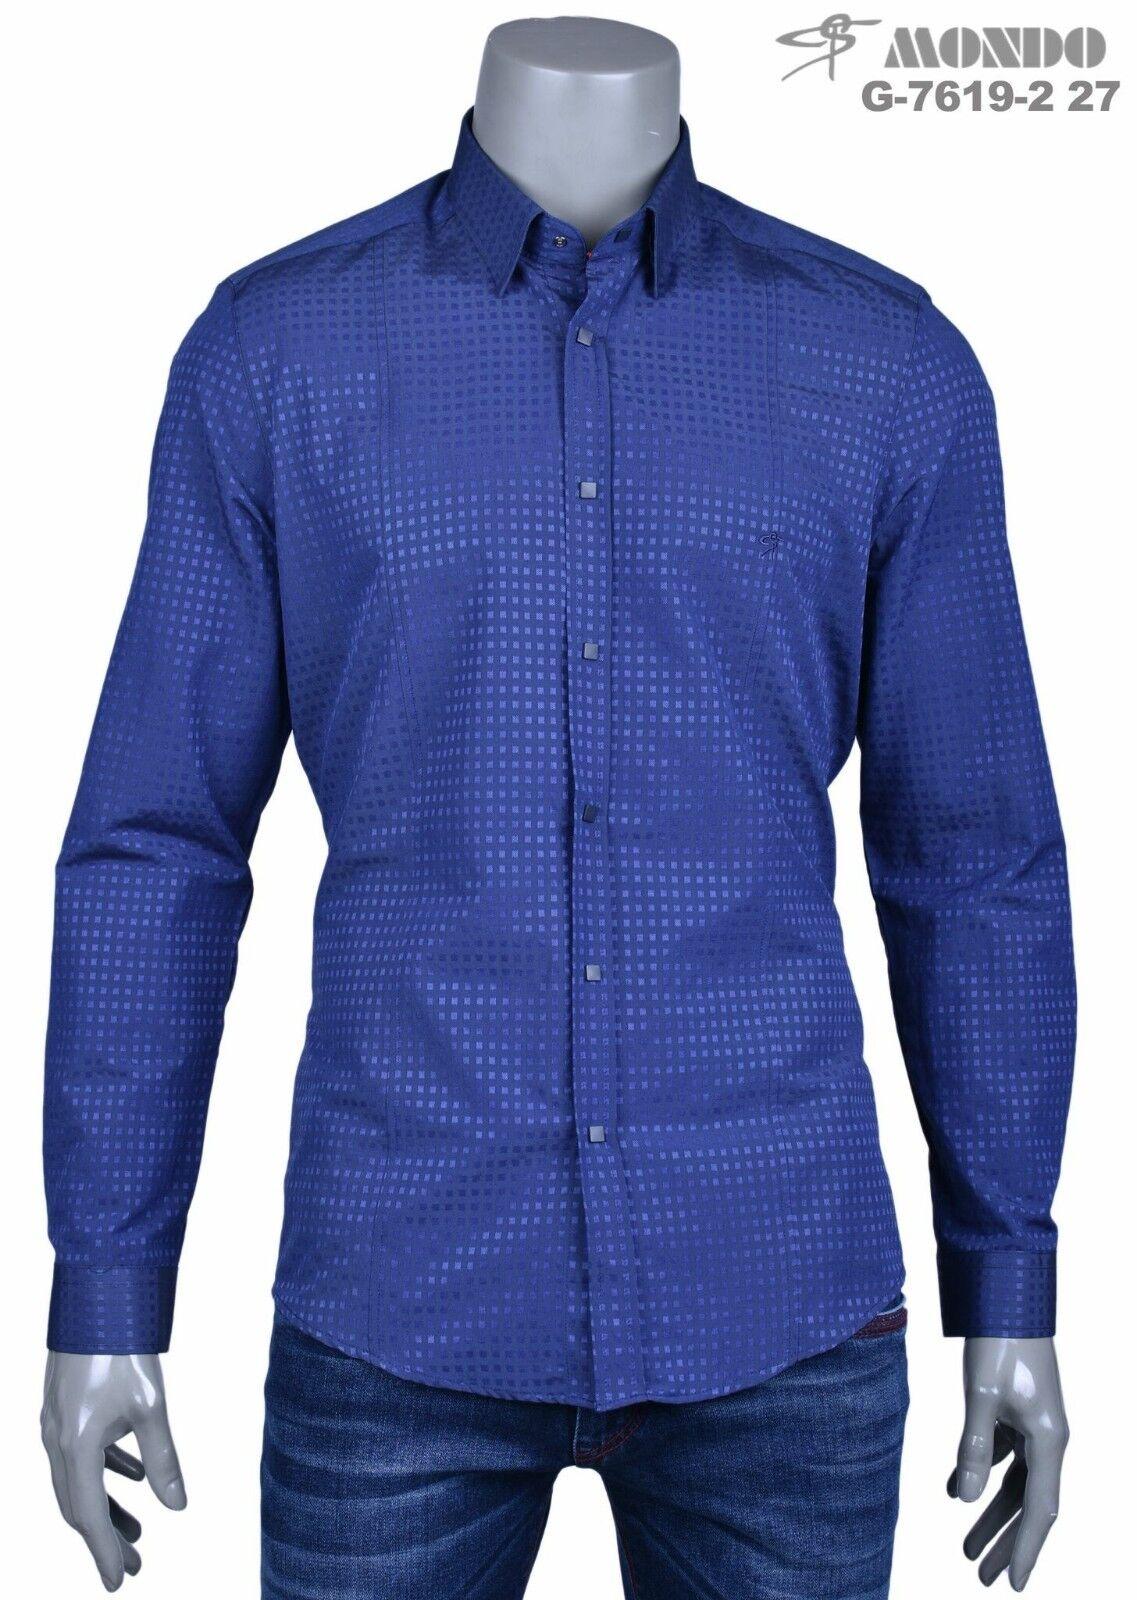 Mondo Uomo Moda lungo   Camicia Maniche Blu Navy Squared Motivo a Scatto Bottoni